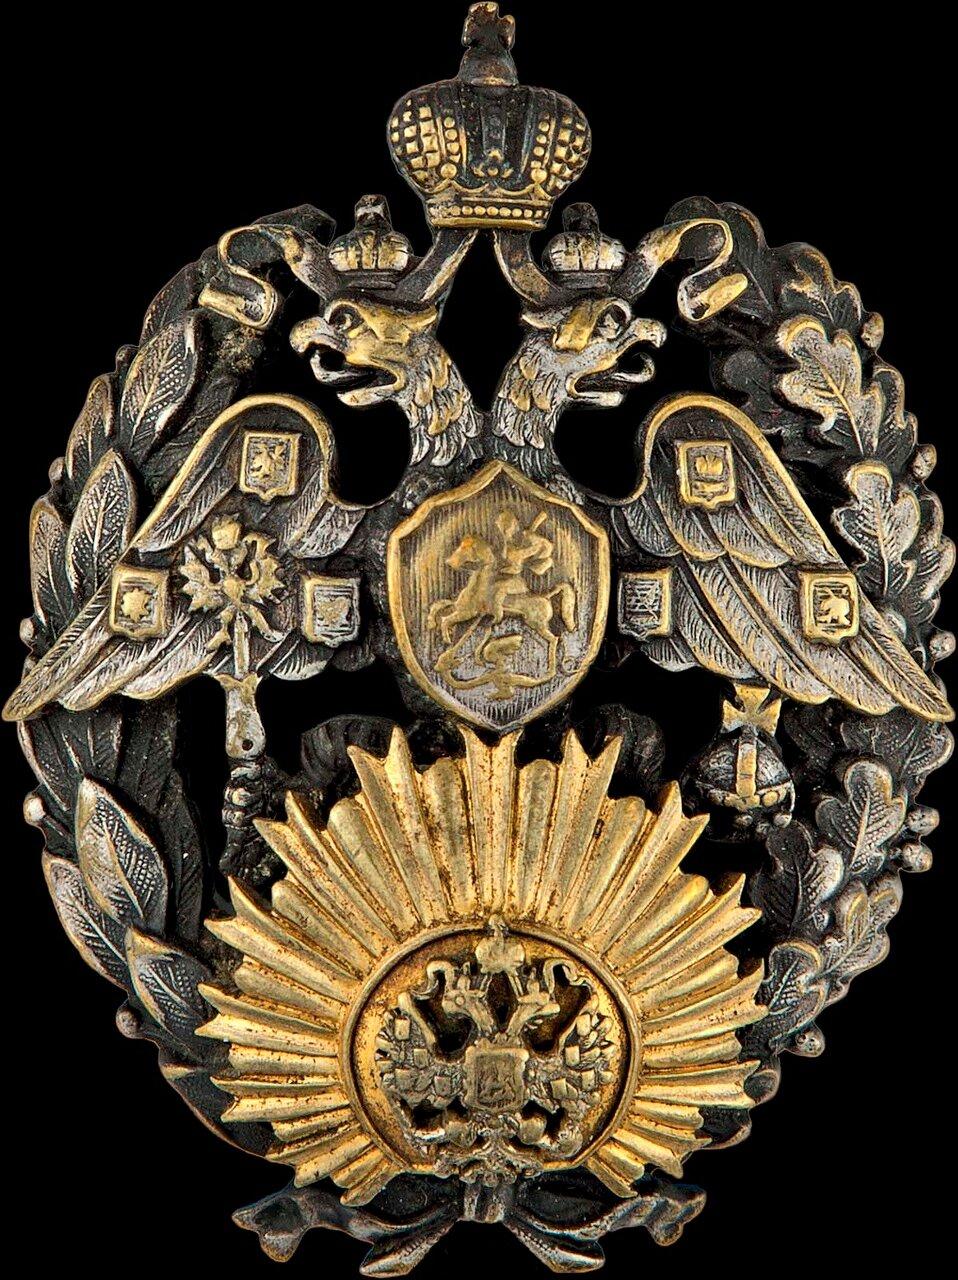 Знак об окончании Педагогических курсов для подготовки офицеров к воспитательской и преподавательской деятельности в кадетских корпусах со званием воспитателя